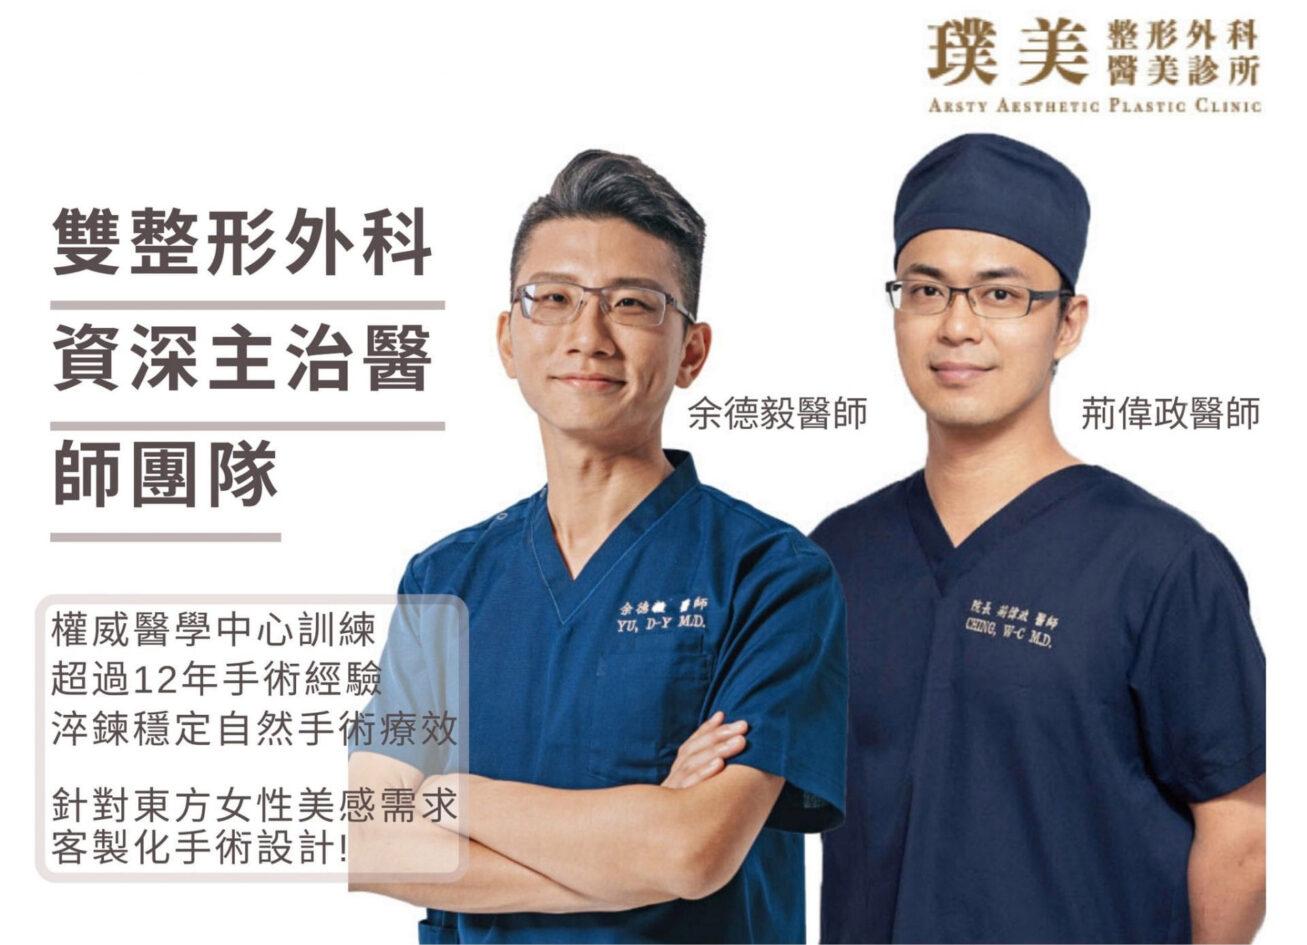 荊醫師、余醫師雙整形外科資深主治醫師團隊banner